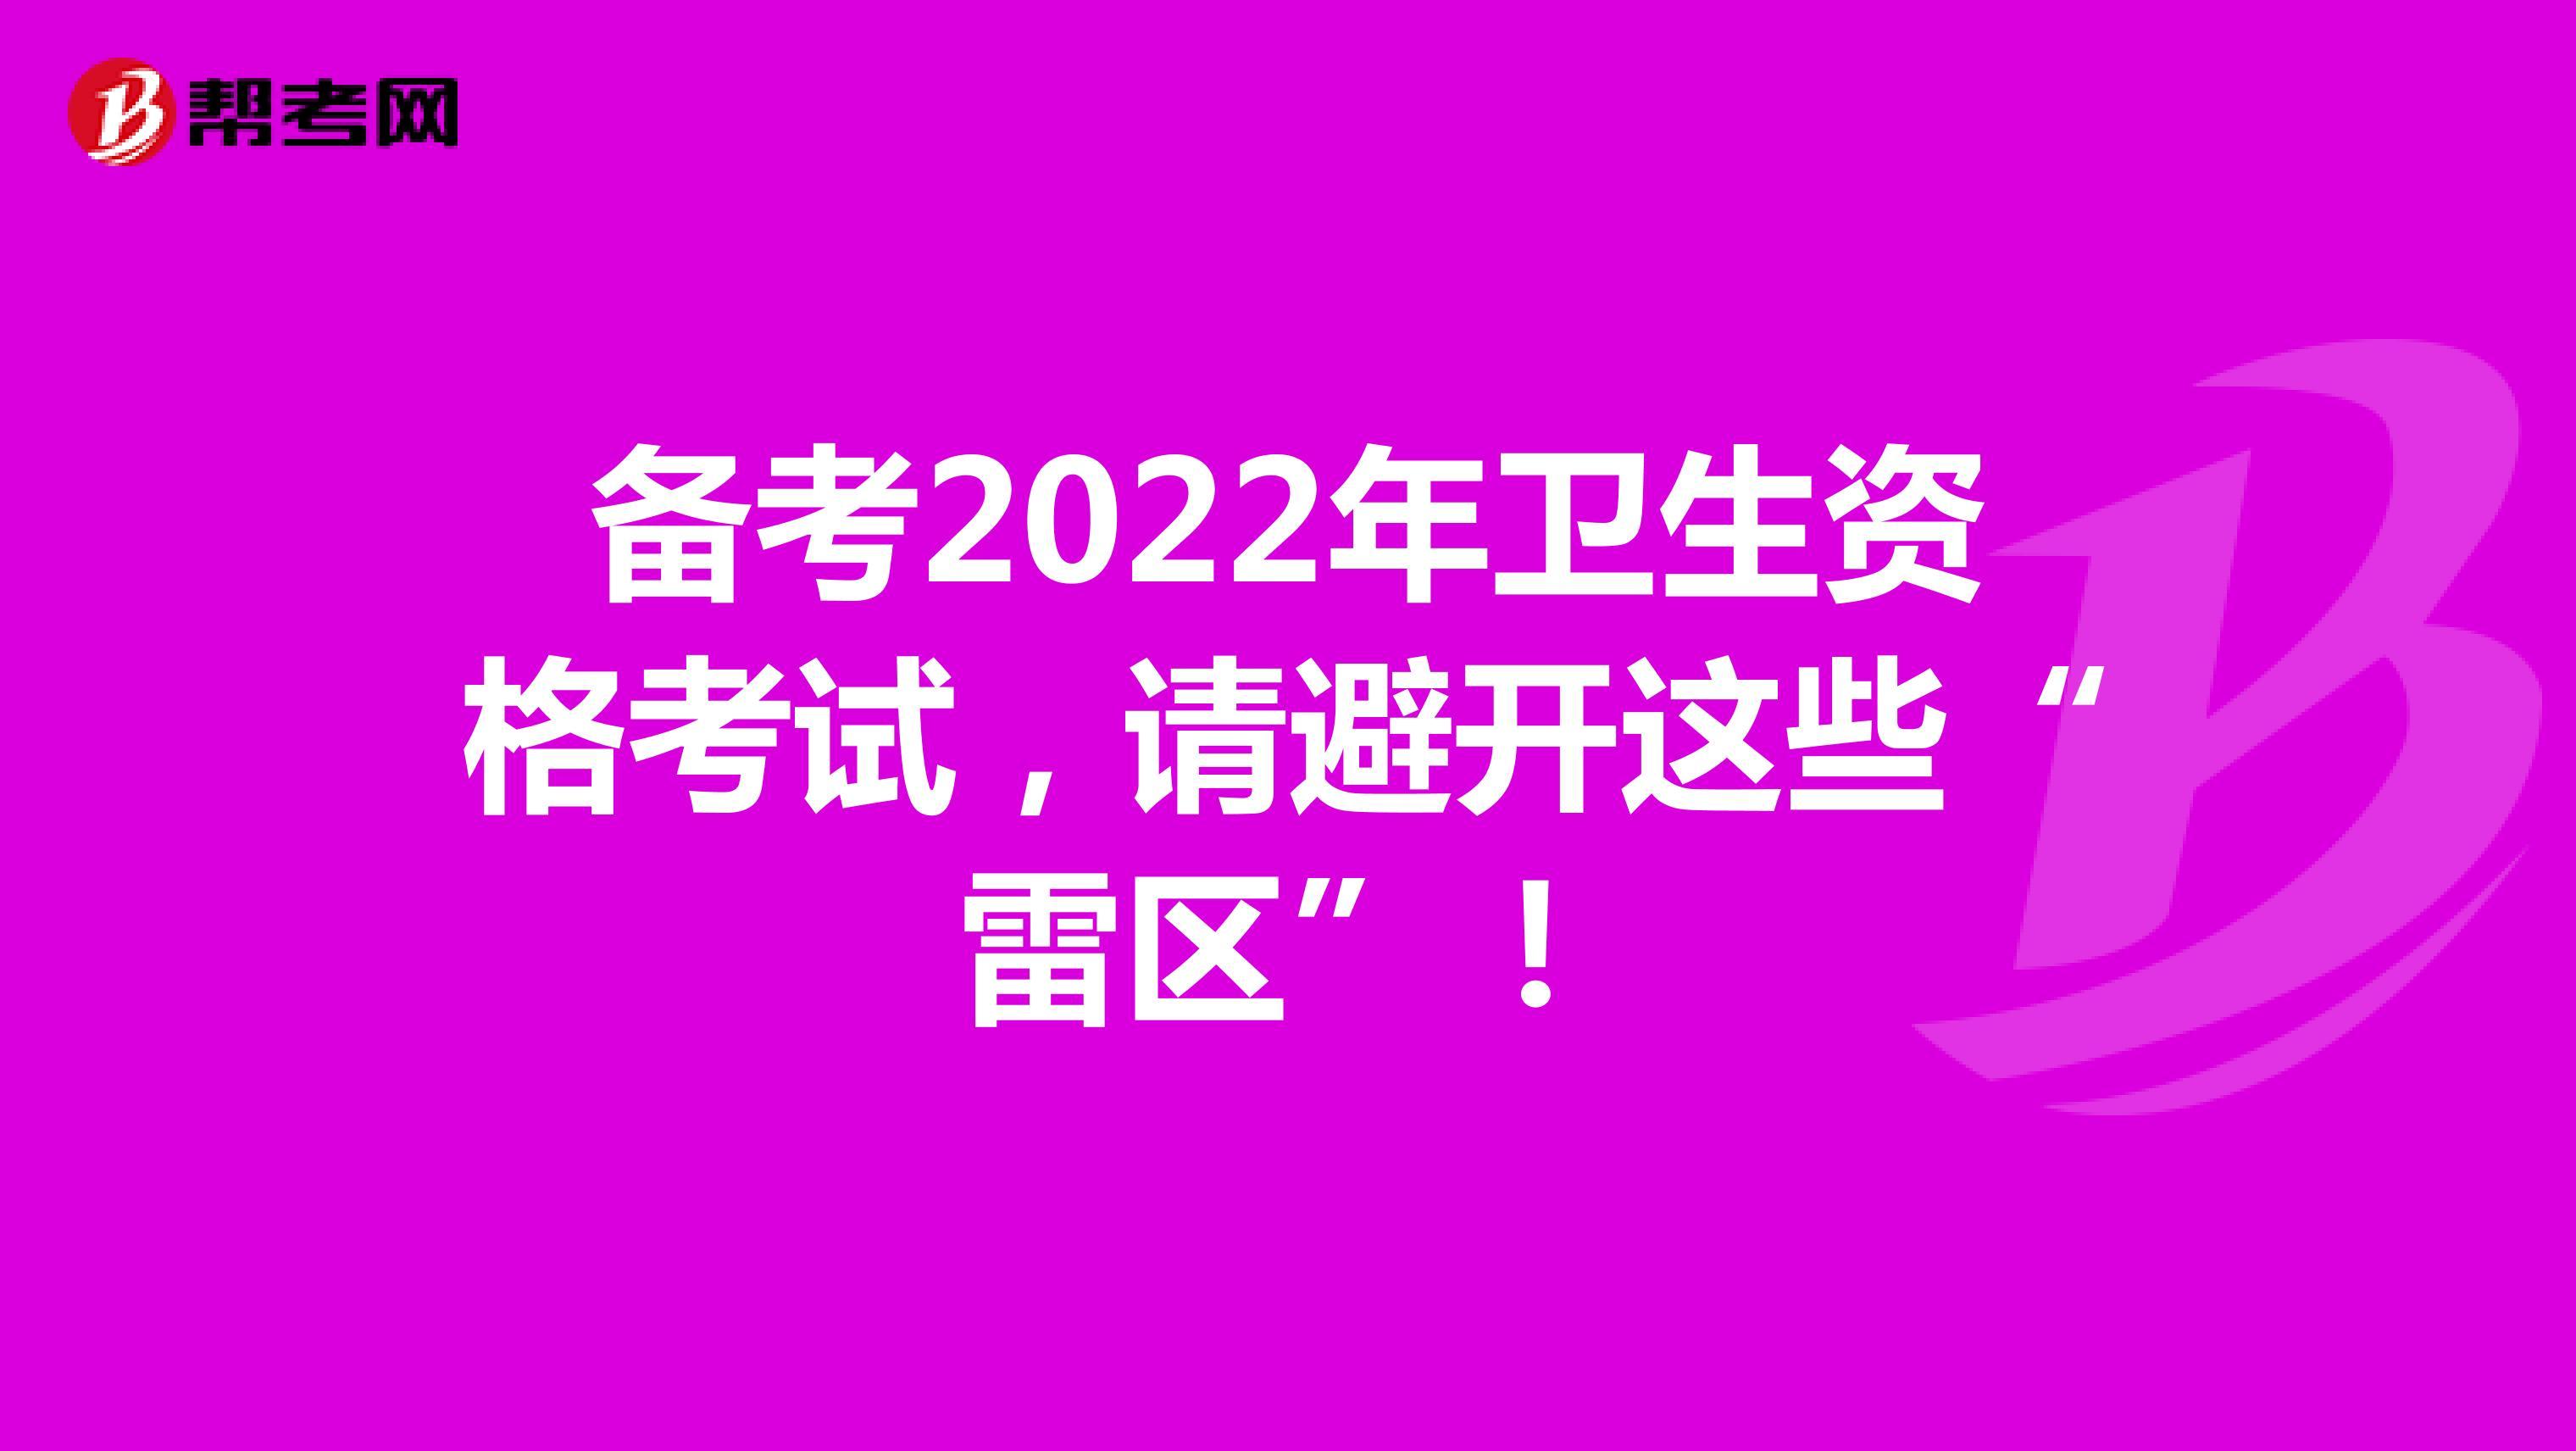 """备考2022年卫生资格考试,请避开这些""""雷区""""!"""